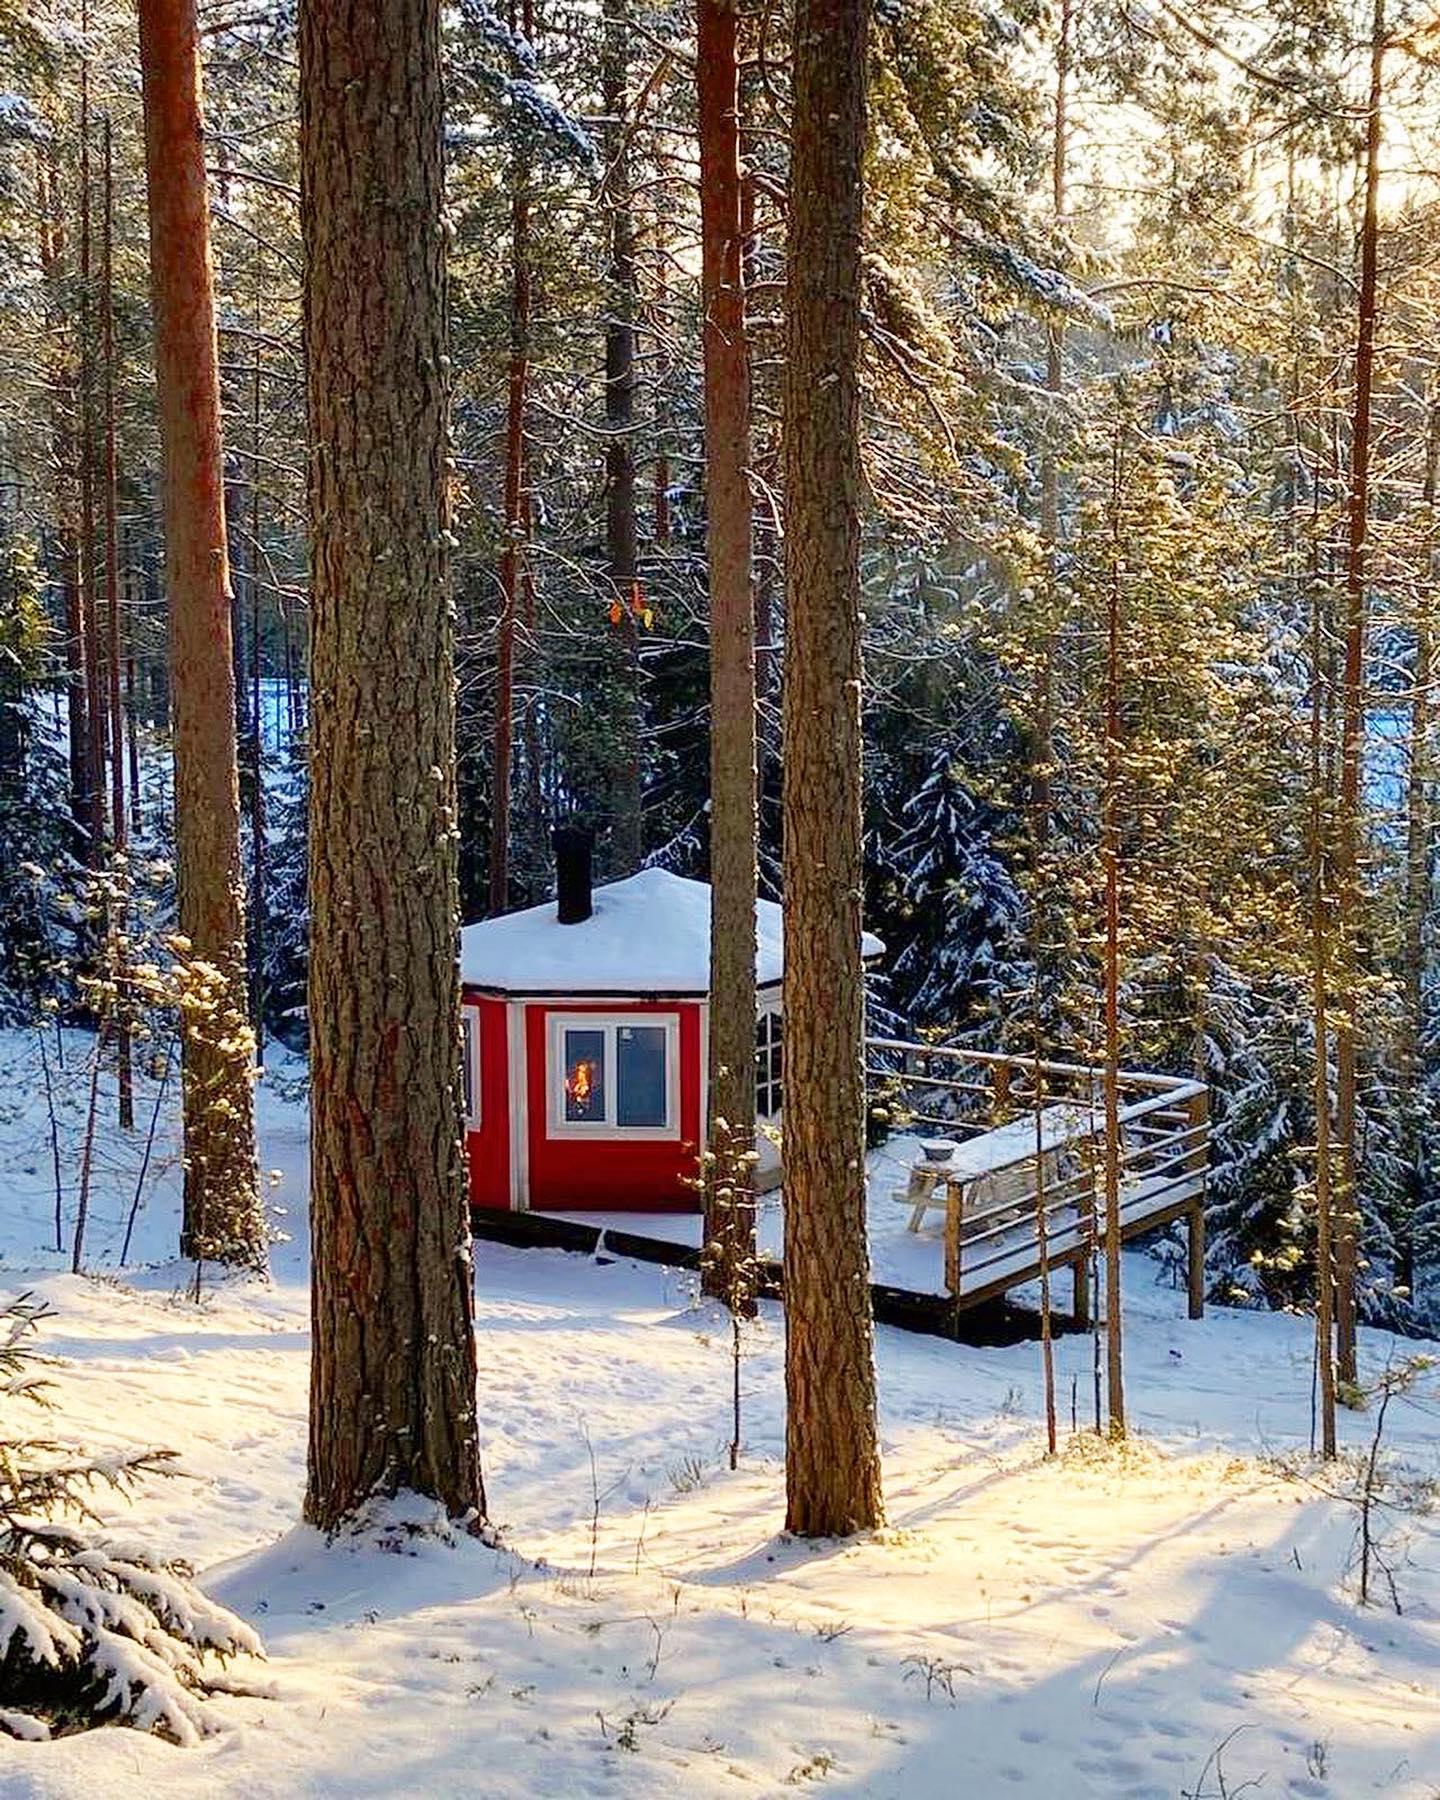 Утеплённые гриль-домики для барбекю в сосновом лесу доступны для аренды круглый год🏻  Расположены в тихом, уединенном месте с видом на озеро и лес🌲🌲Внутри домика финский гриль для барбекю, скамьи, стол, розетки, освещение. Снаружи просторная терраса.  Вместимость: до 10 человек Время аренды: с 10 до 20:00 Стоимость: от 1900₽  Дополнительно можно приобрести: - Прокат шампуров (7шт - 100₽, залог 500₽); - Прокат мангальной решетки (200₽, залог 500₽); - Уголь (250₽); - Жидкость для розжига 0,5 л (100₽).  Забронировать гриль-домик можно по телефону 409-98-18 и на нашем сайте по ссылке в шапке профиля🏻  Подписывайтесь на наш аккаунт @greenvald_park, чтобы следить за новостями, акциями и предложениями🏻